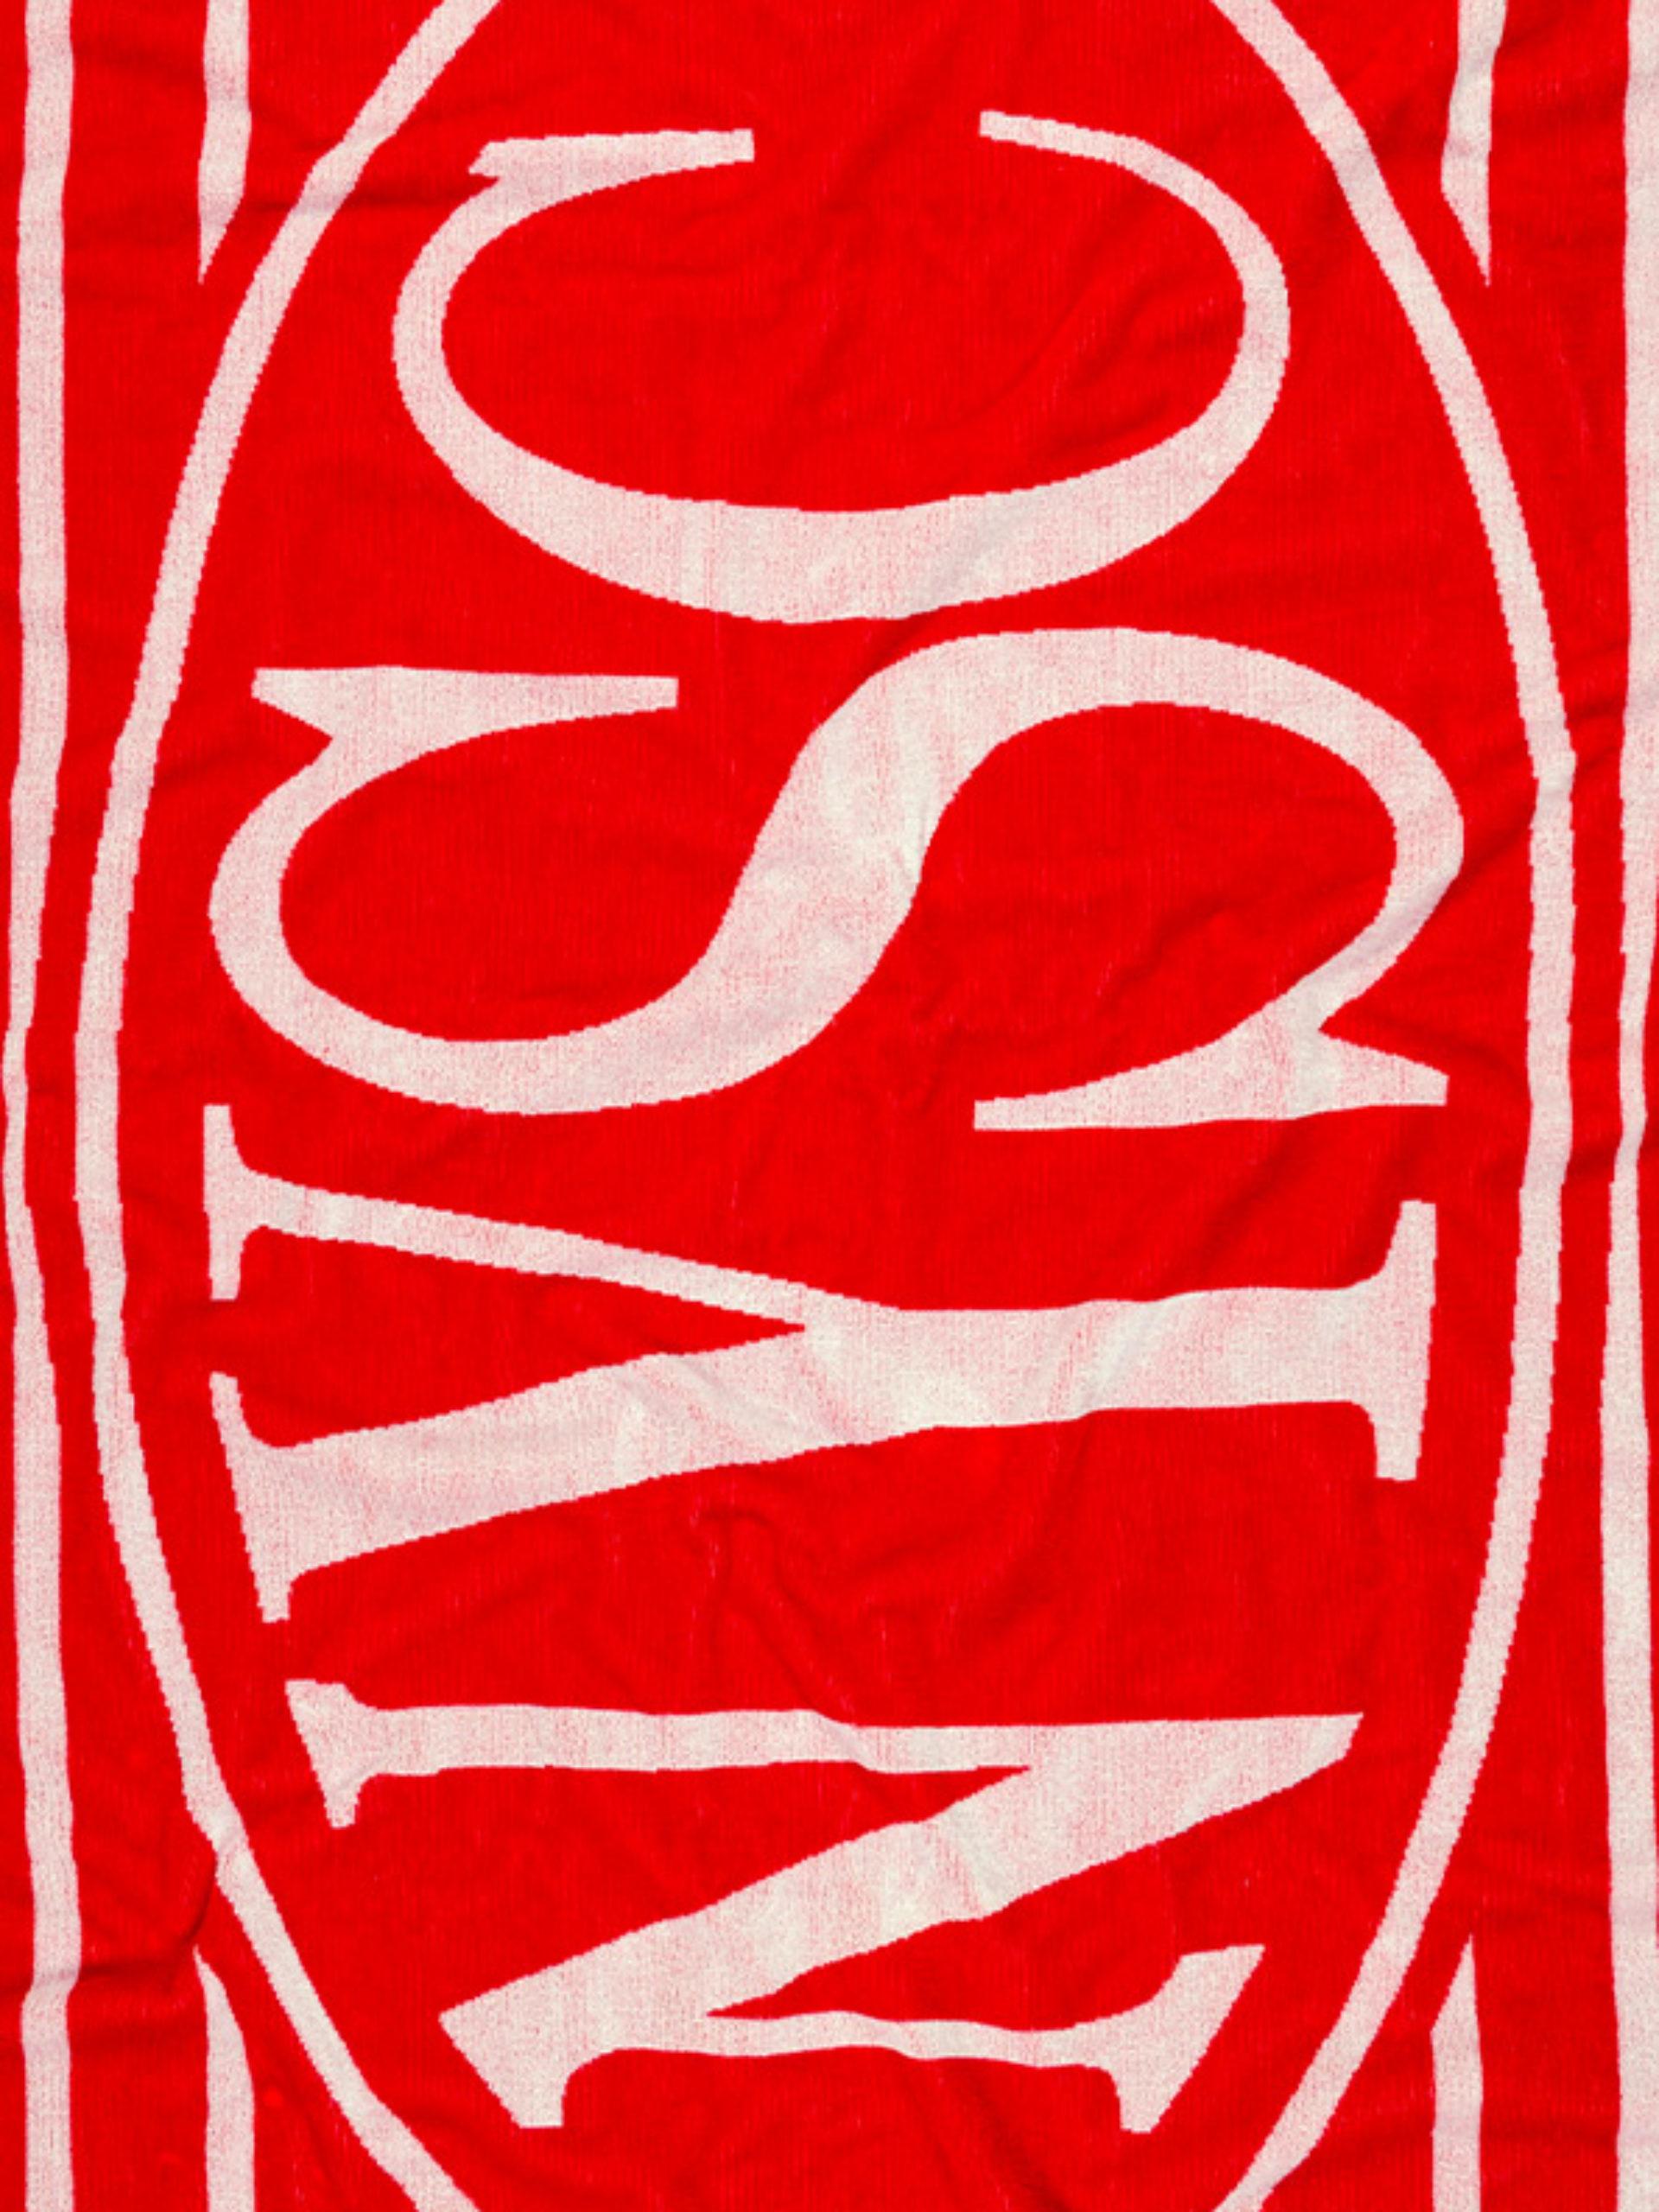 Badetuch Mit Einwebung Mit Logo Bedrucken